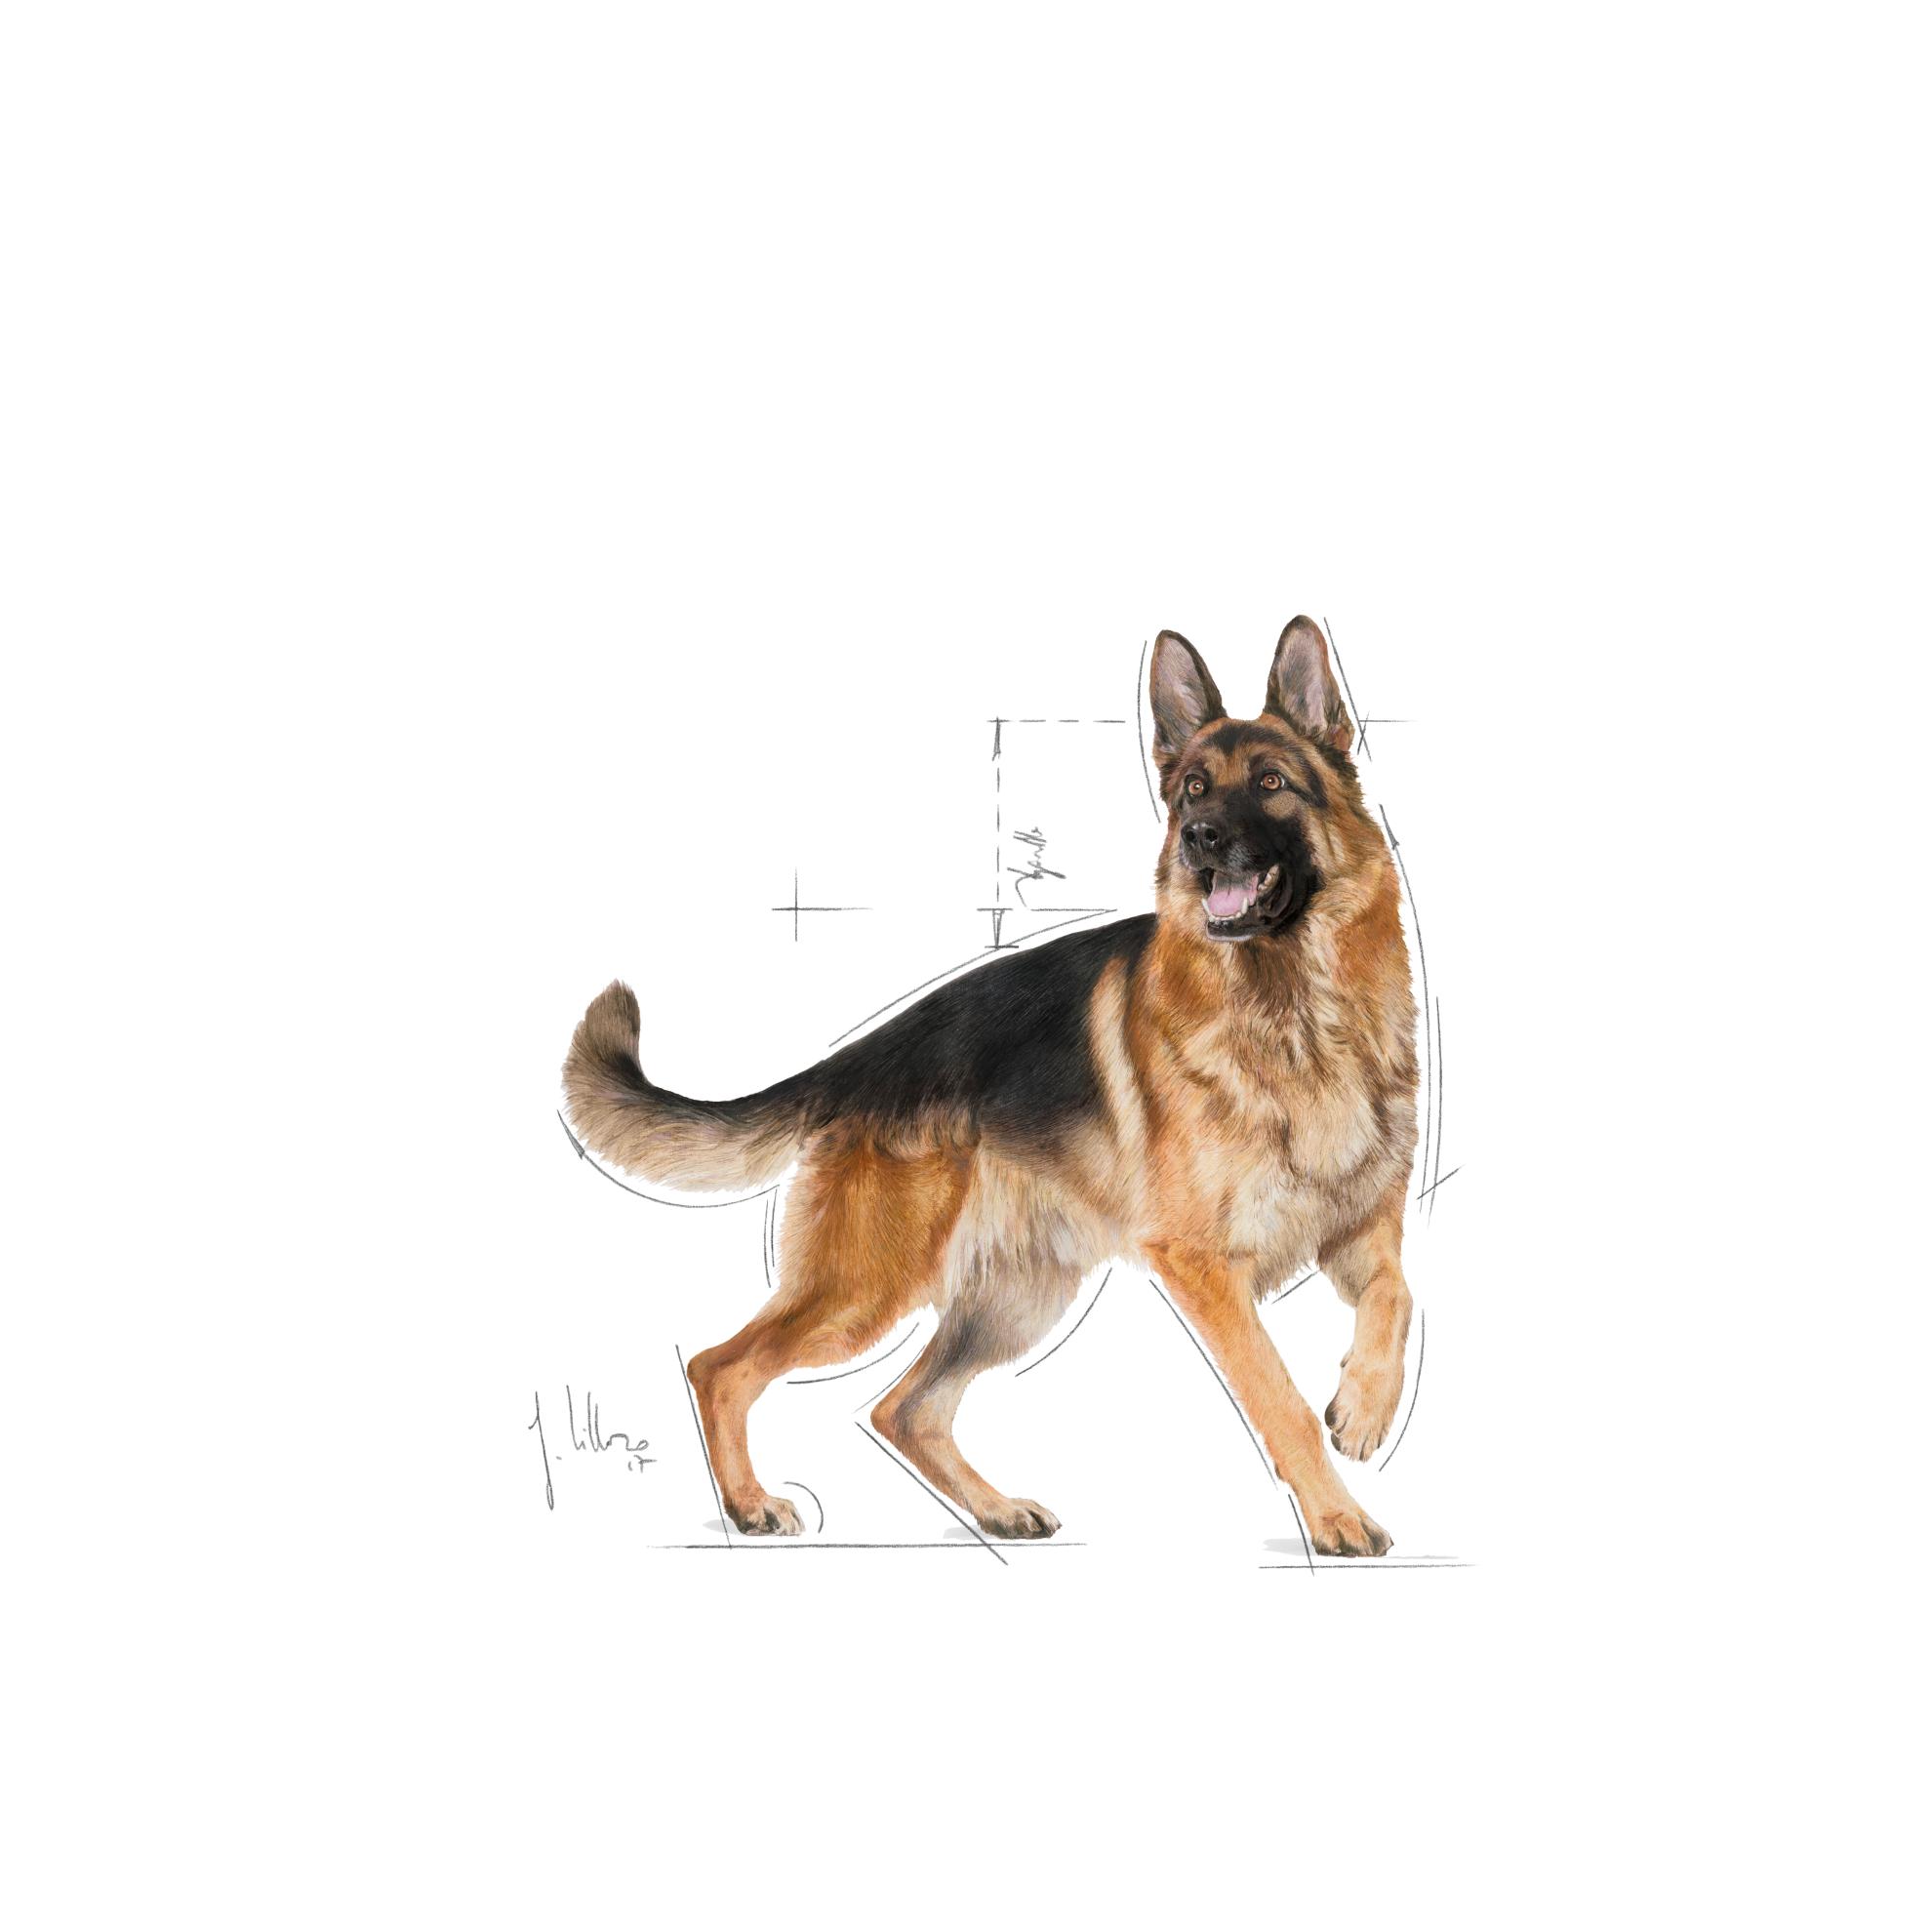 royal canin innehållsförteckning